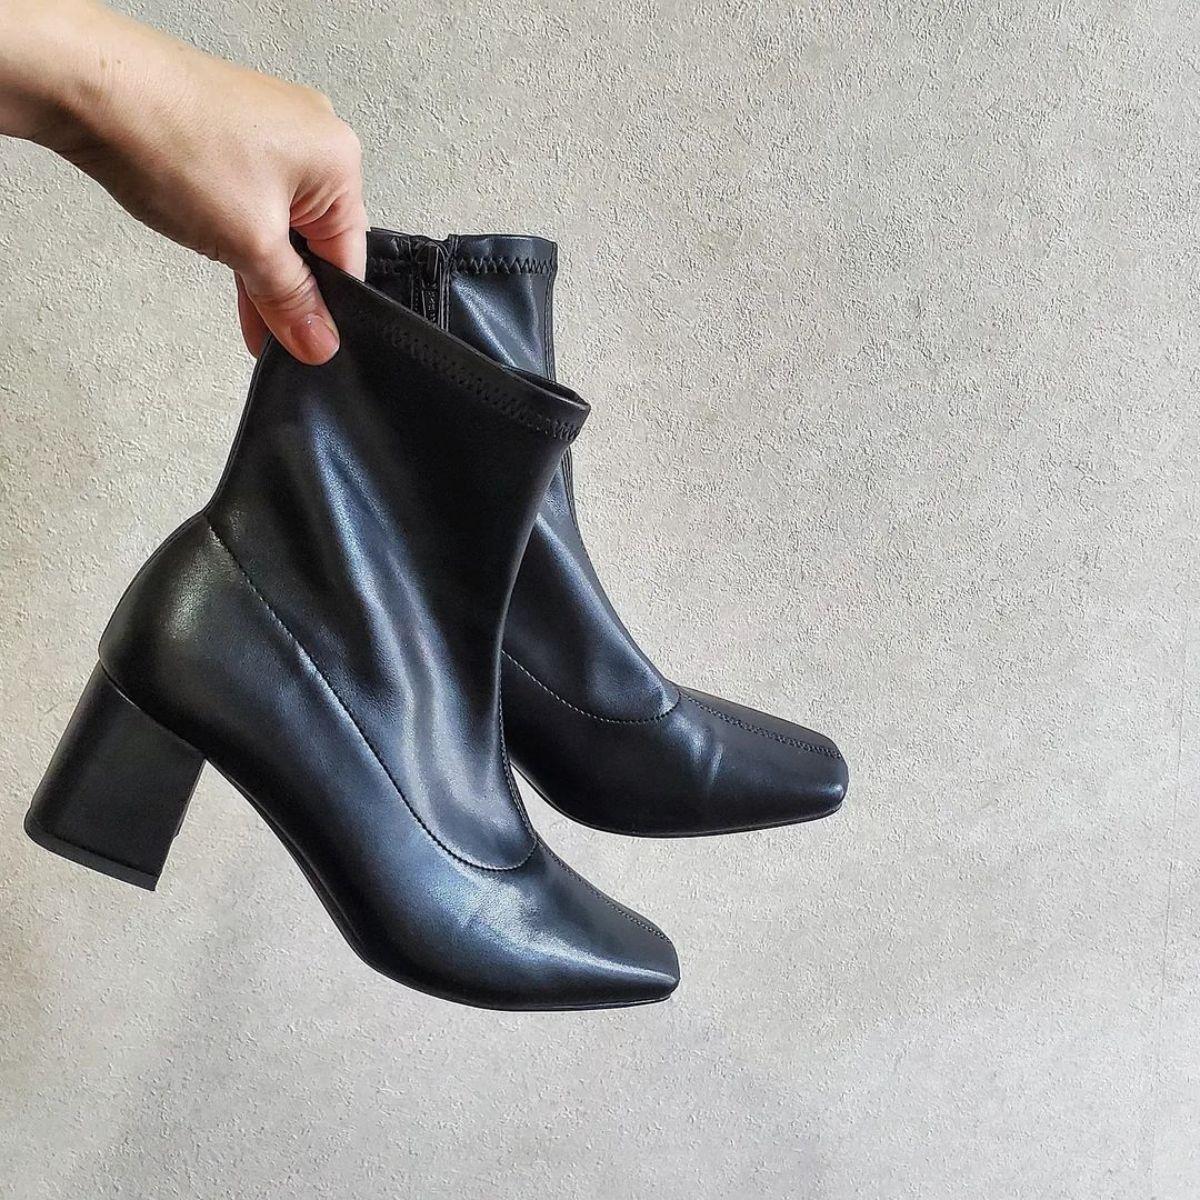 【GU】「ヒールのあるブーツって疲れる…」の悩みを覆す。足にぴったりフィットするこれなら歩きやすいんです